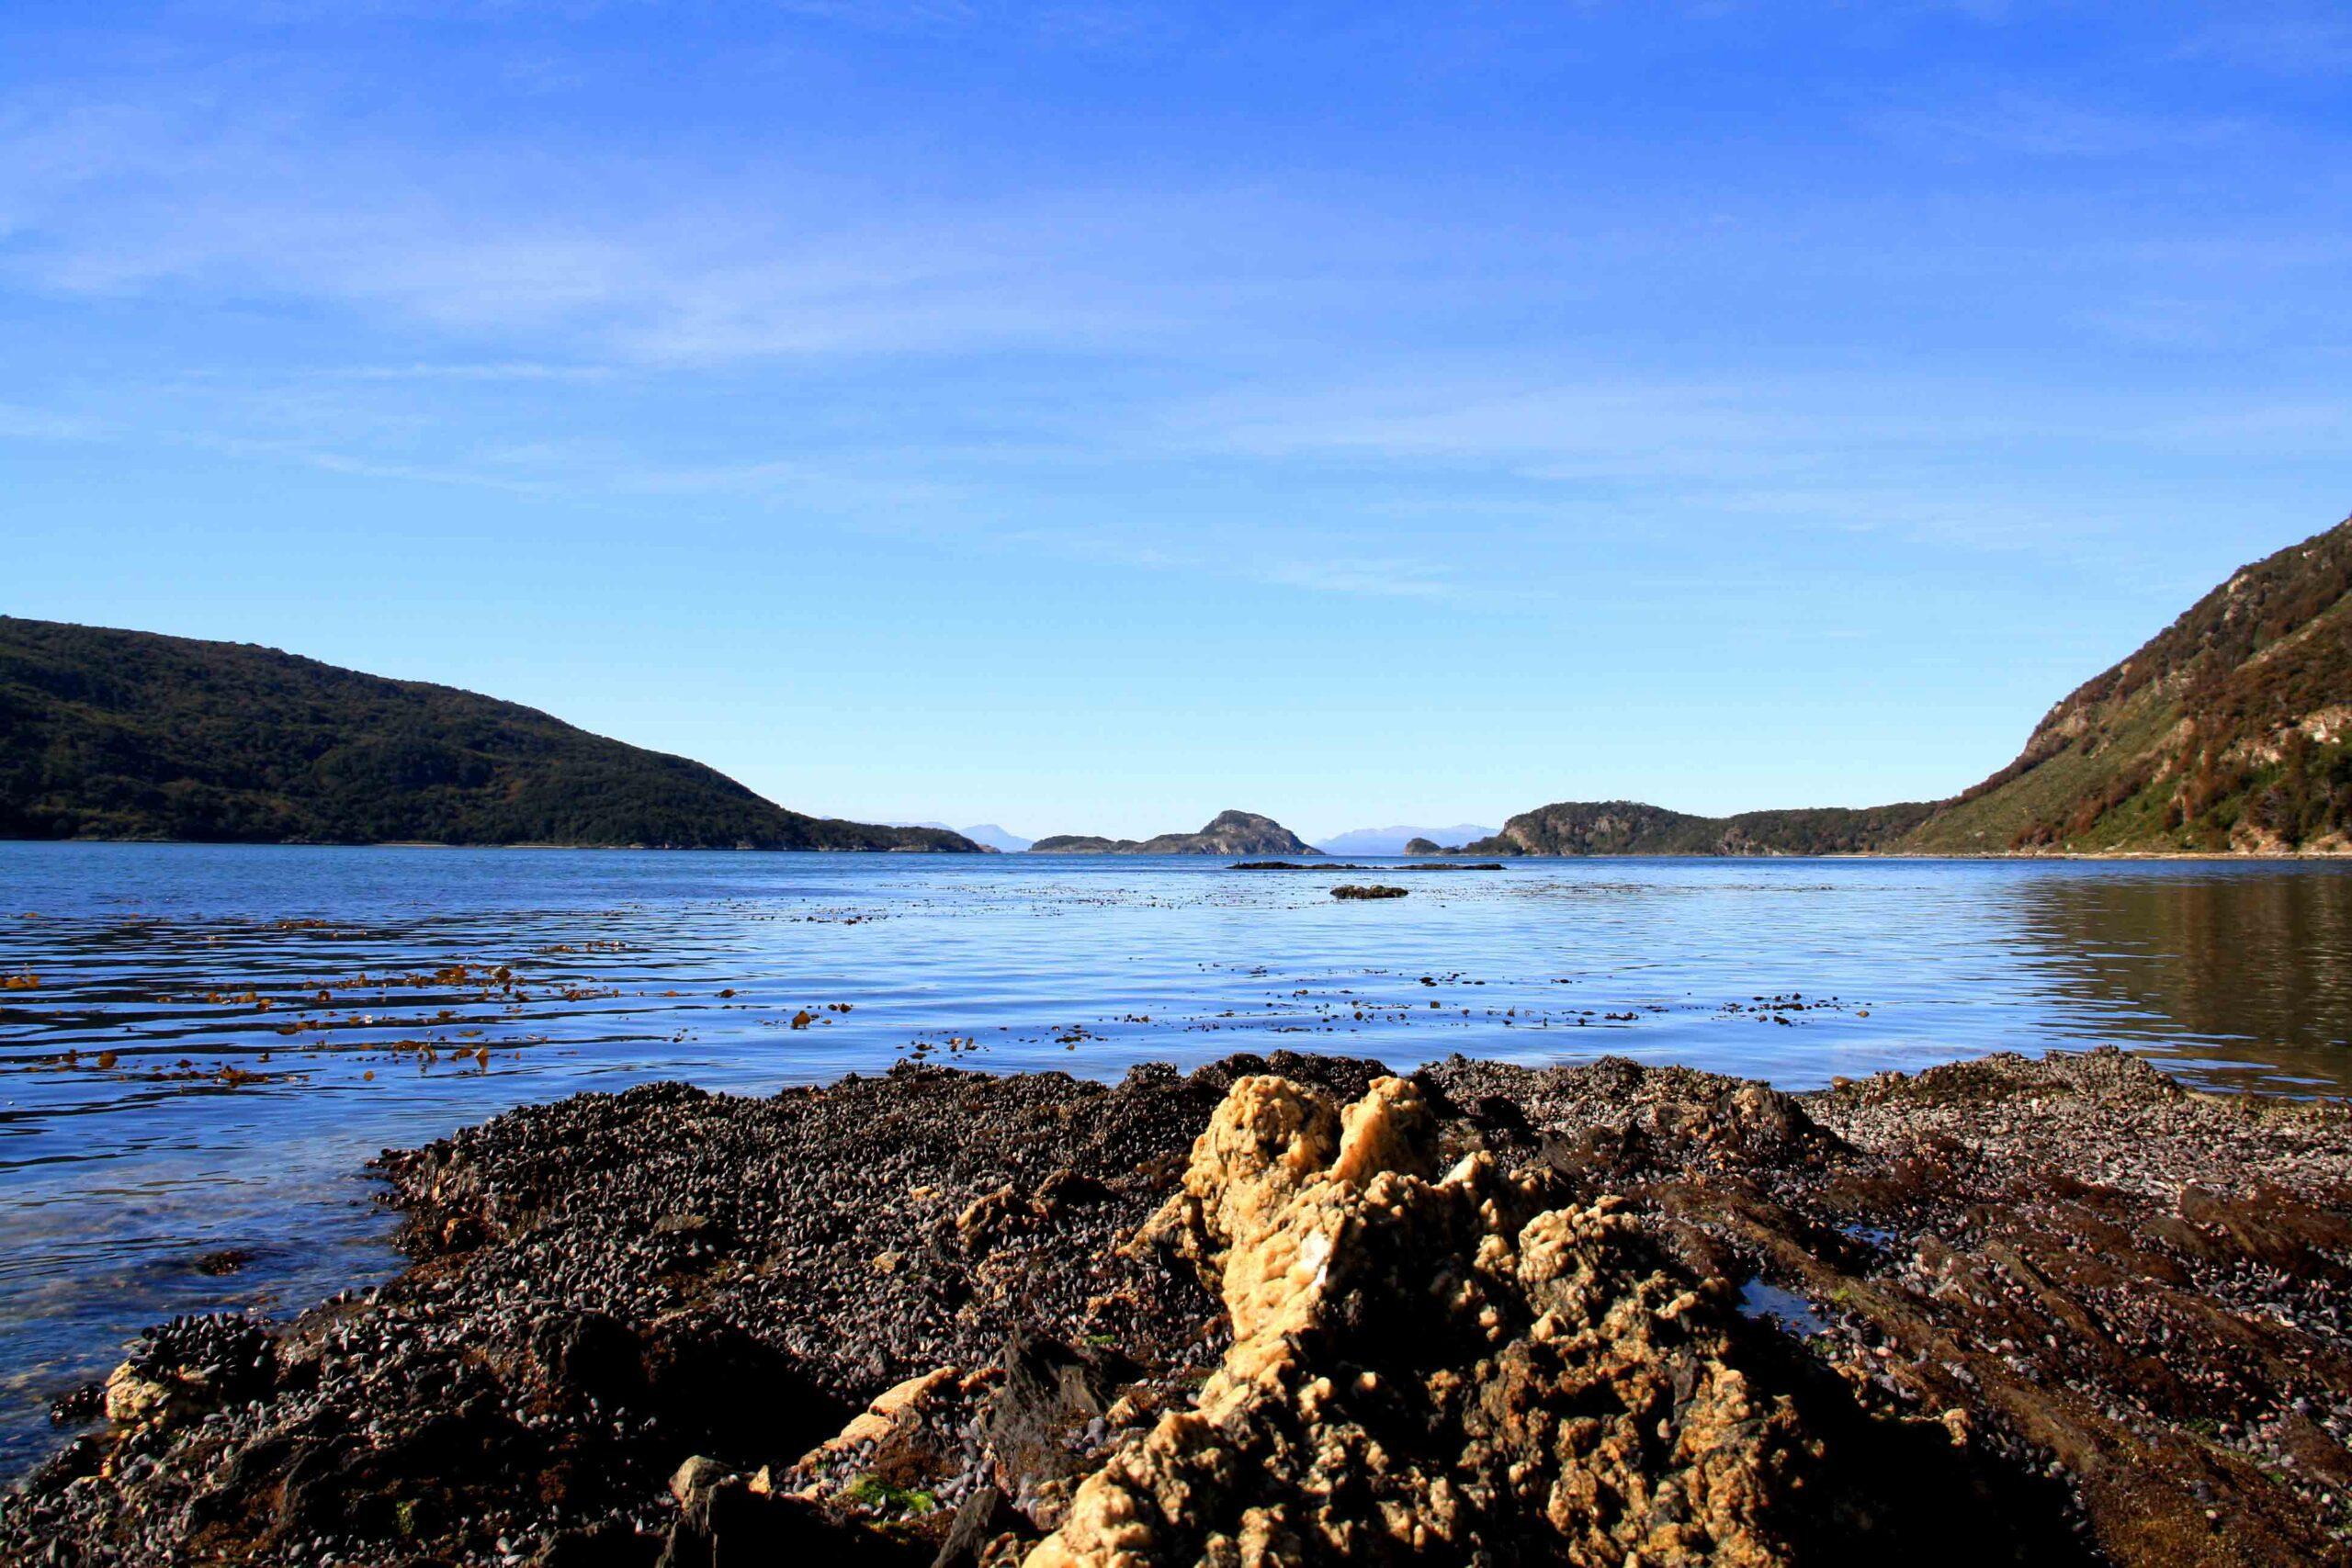 tierra del fuego lake seashells